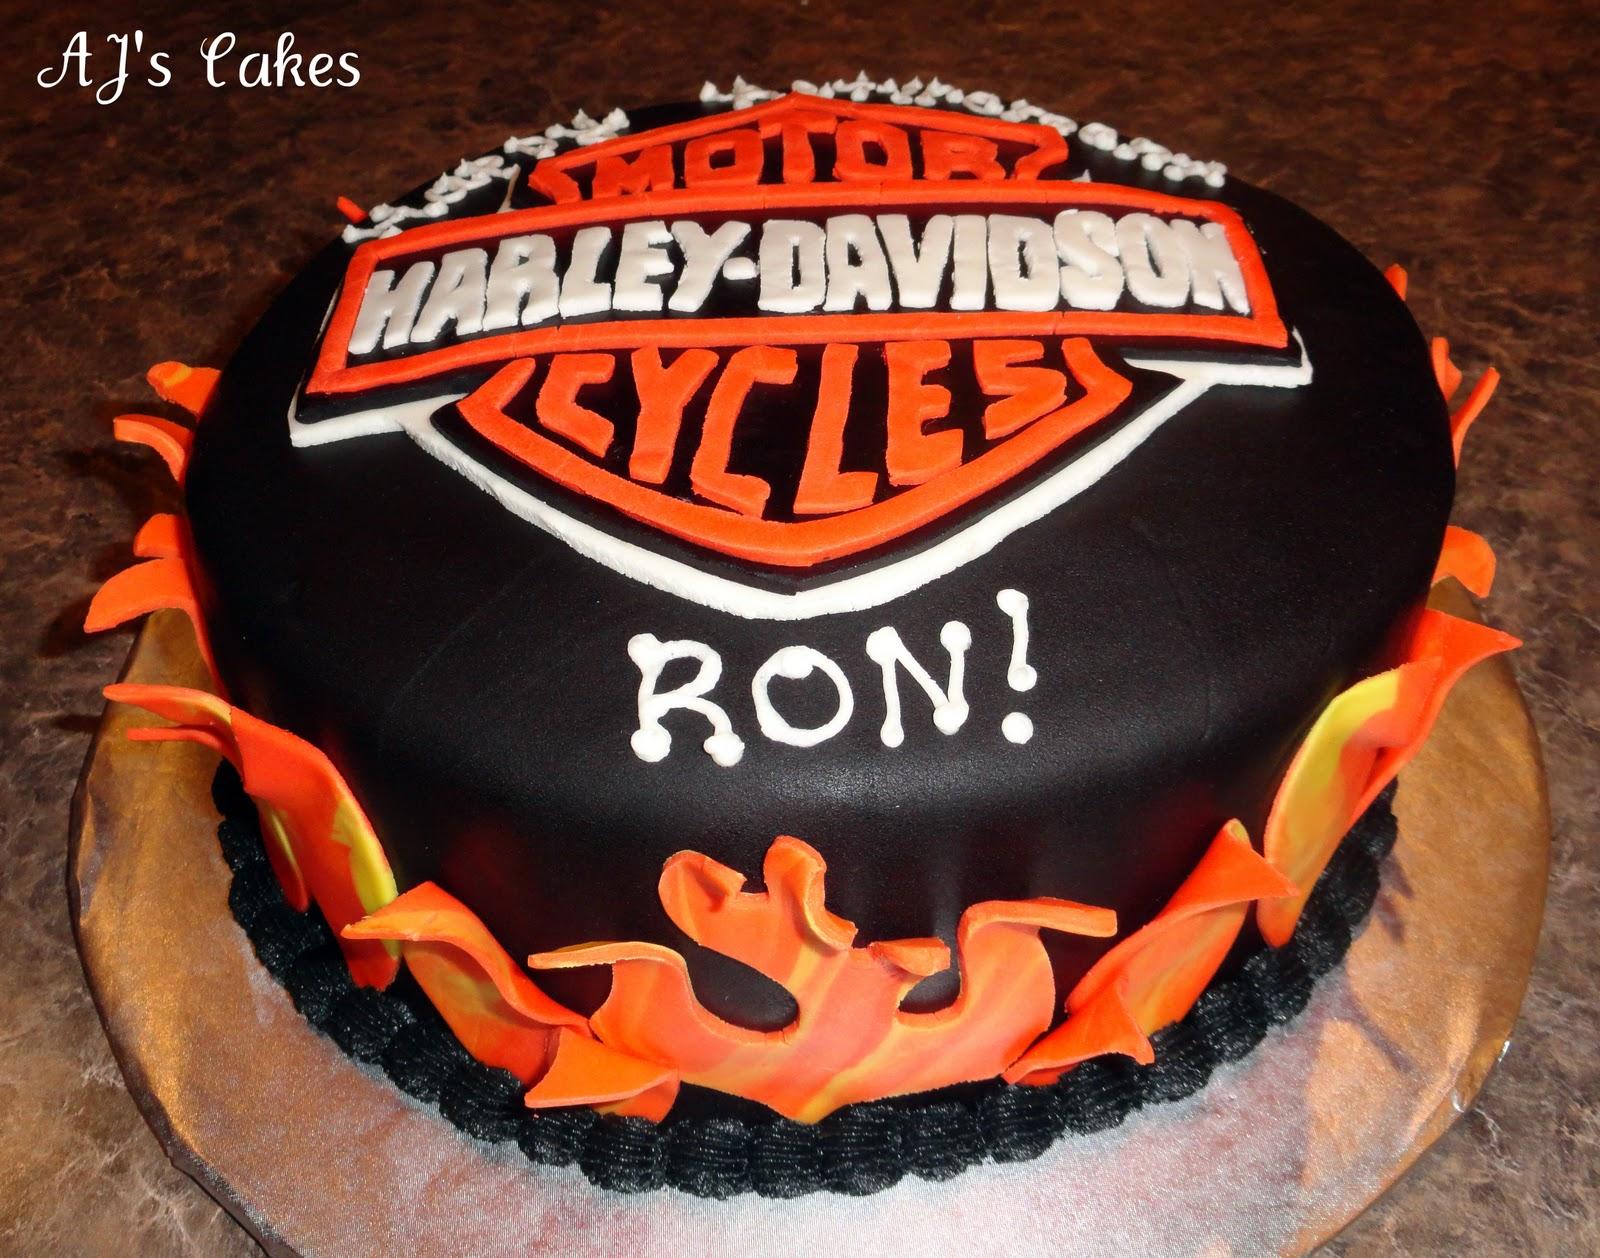 Ajs Cakes Harley Davidson Cake